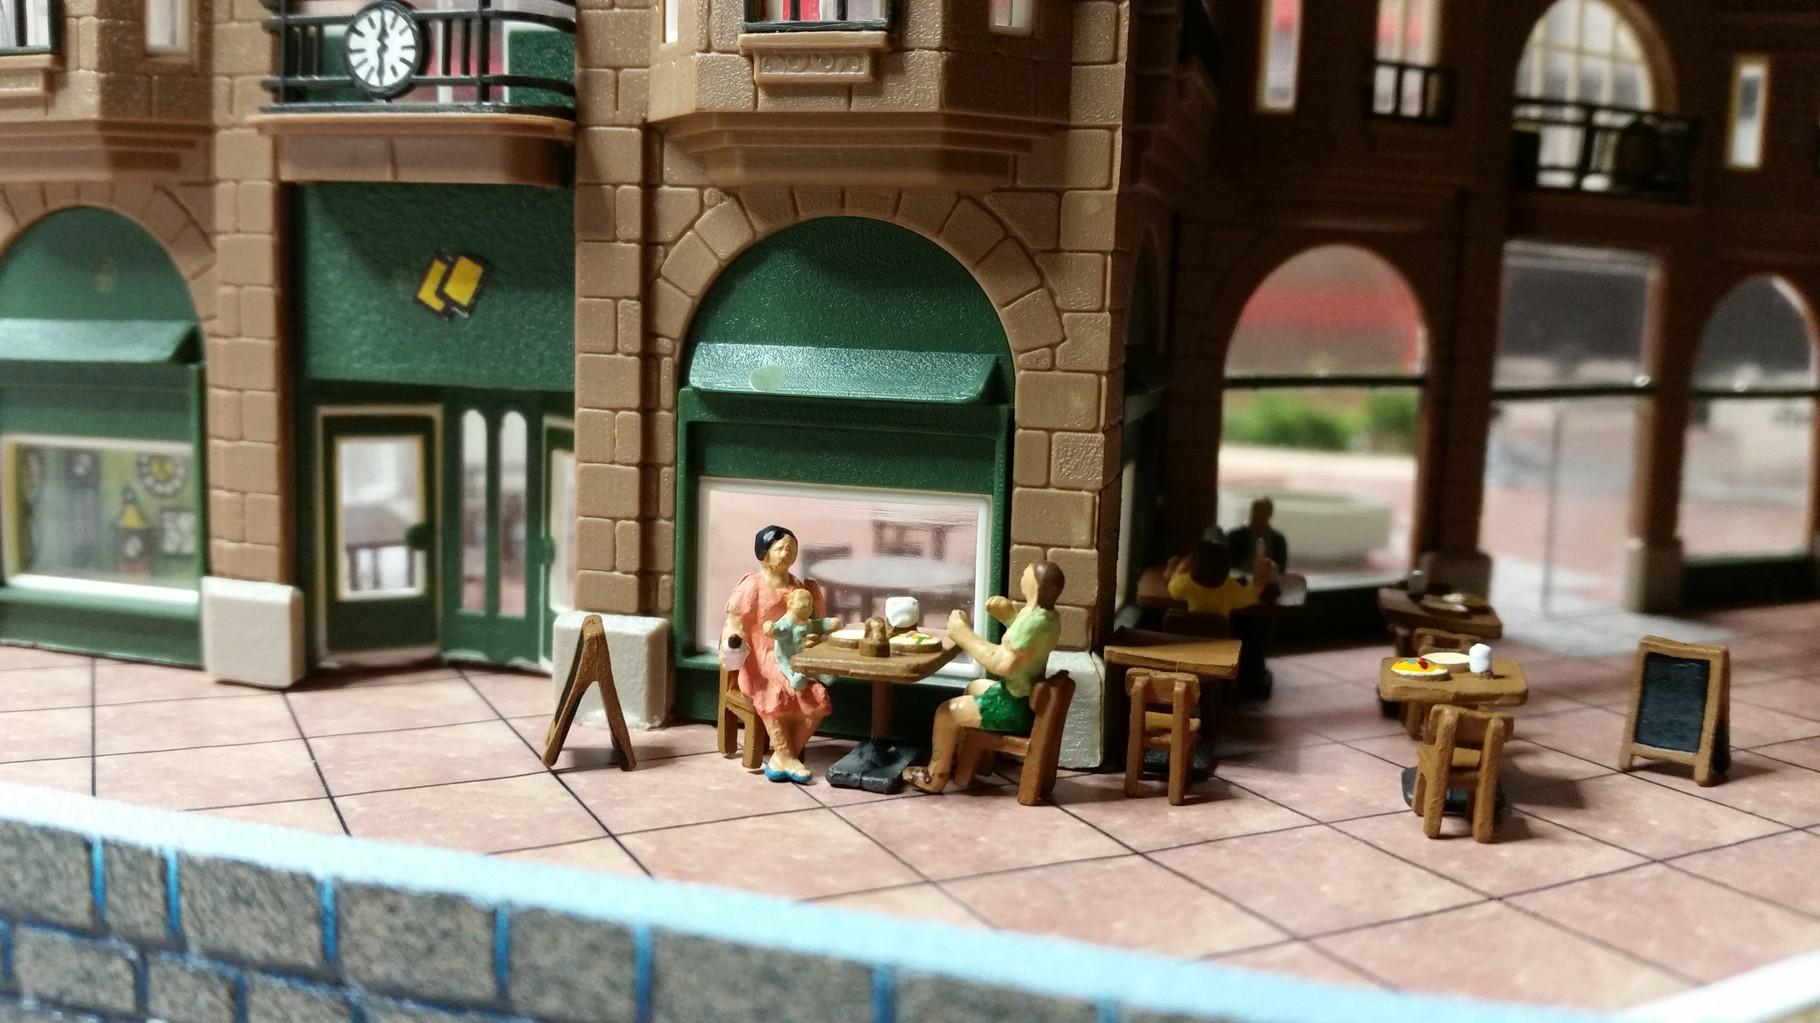 Der Vorplatz des EKZ wird durch ein Café belebt und lädt nach dem Shopping zum Verweilen ein :)